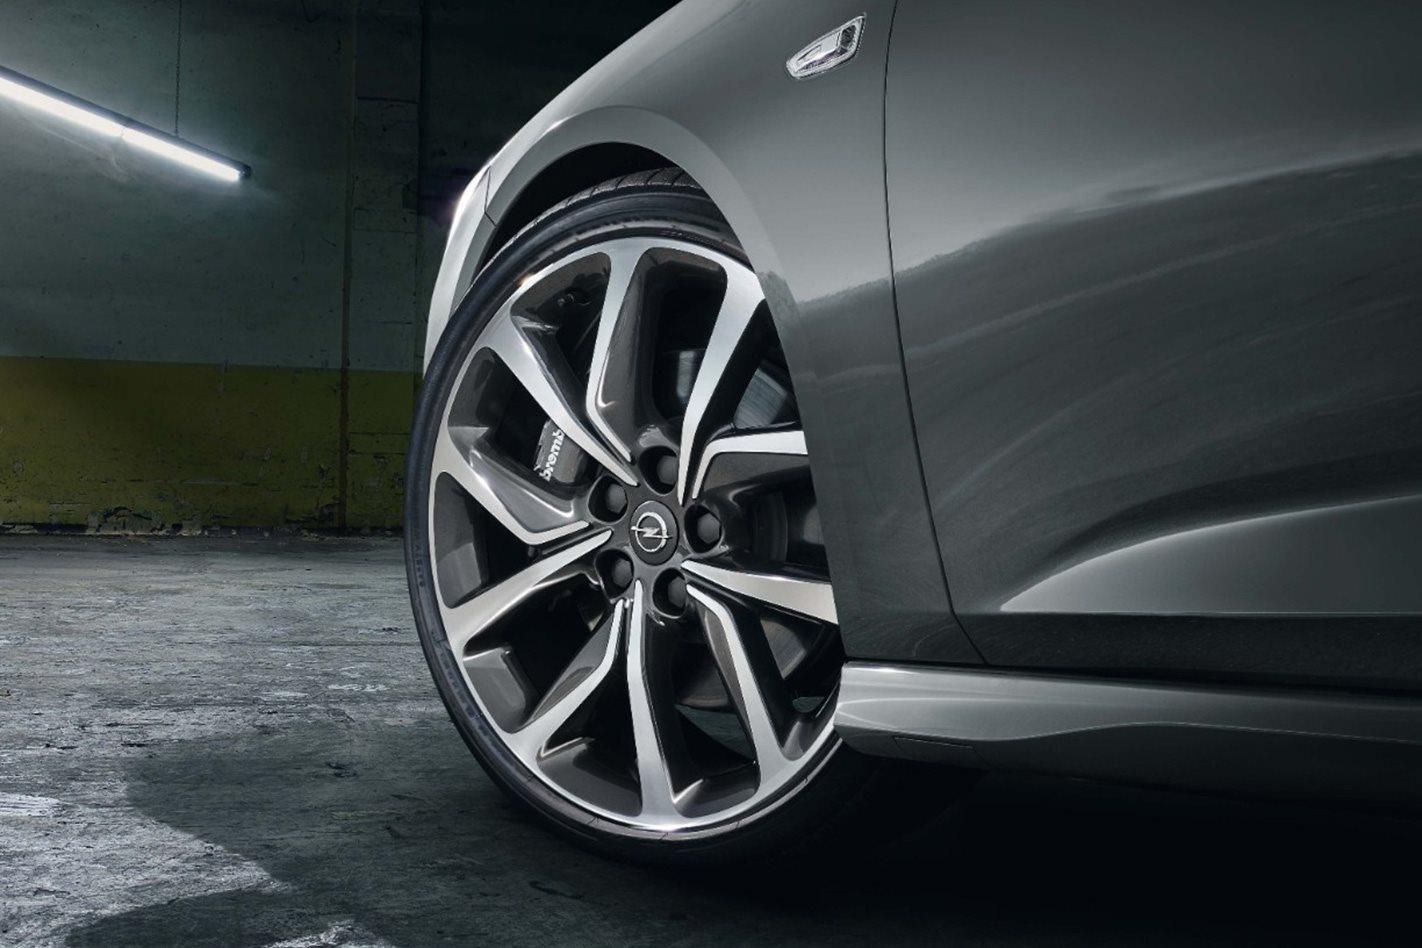 Opel Insignia GSi wheel